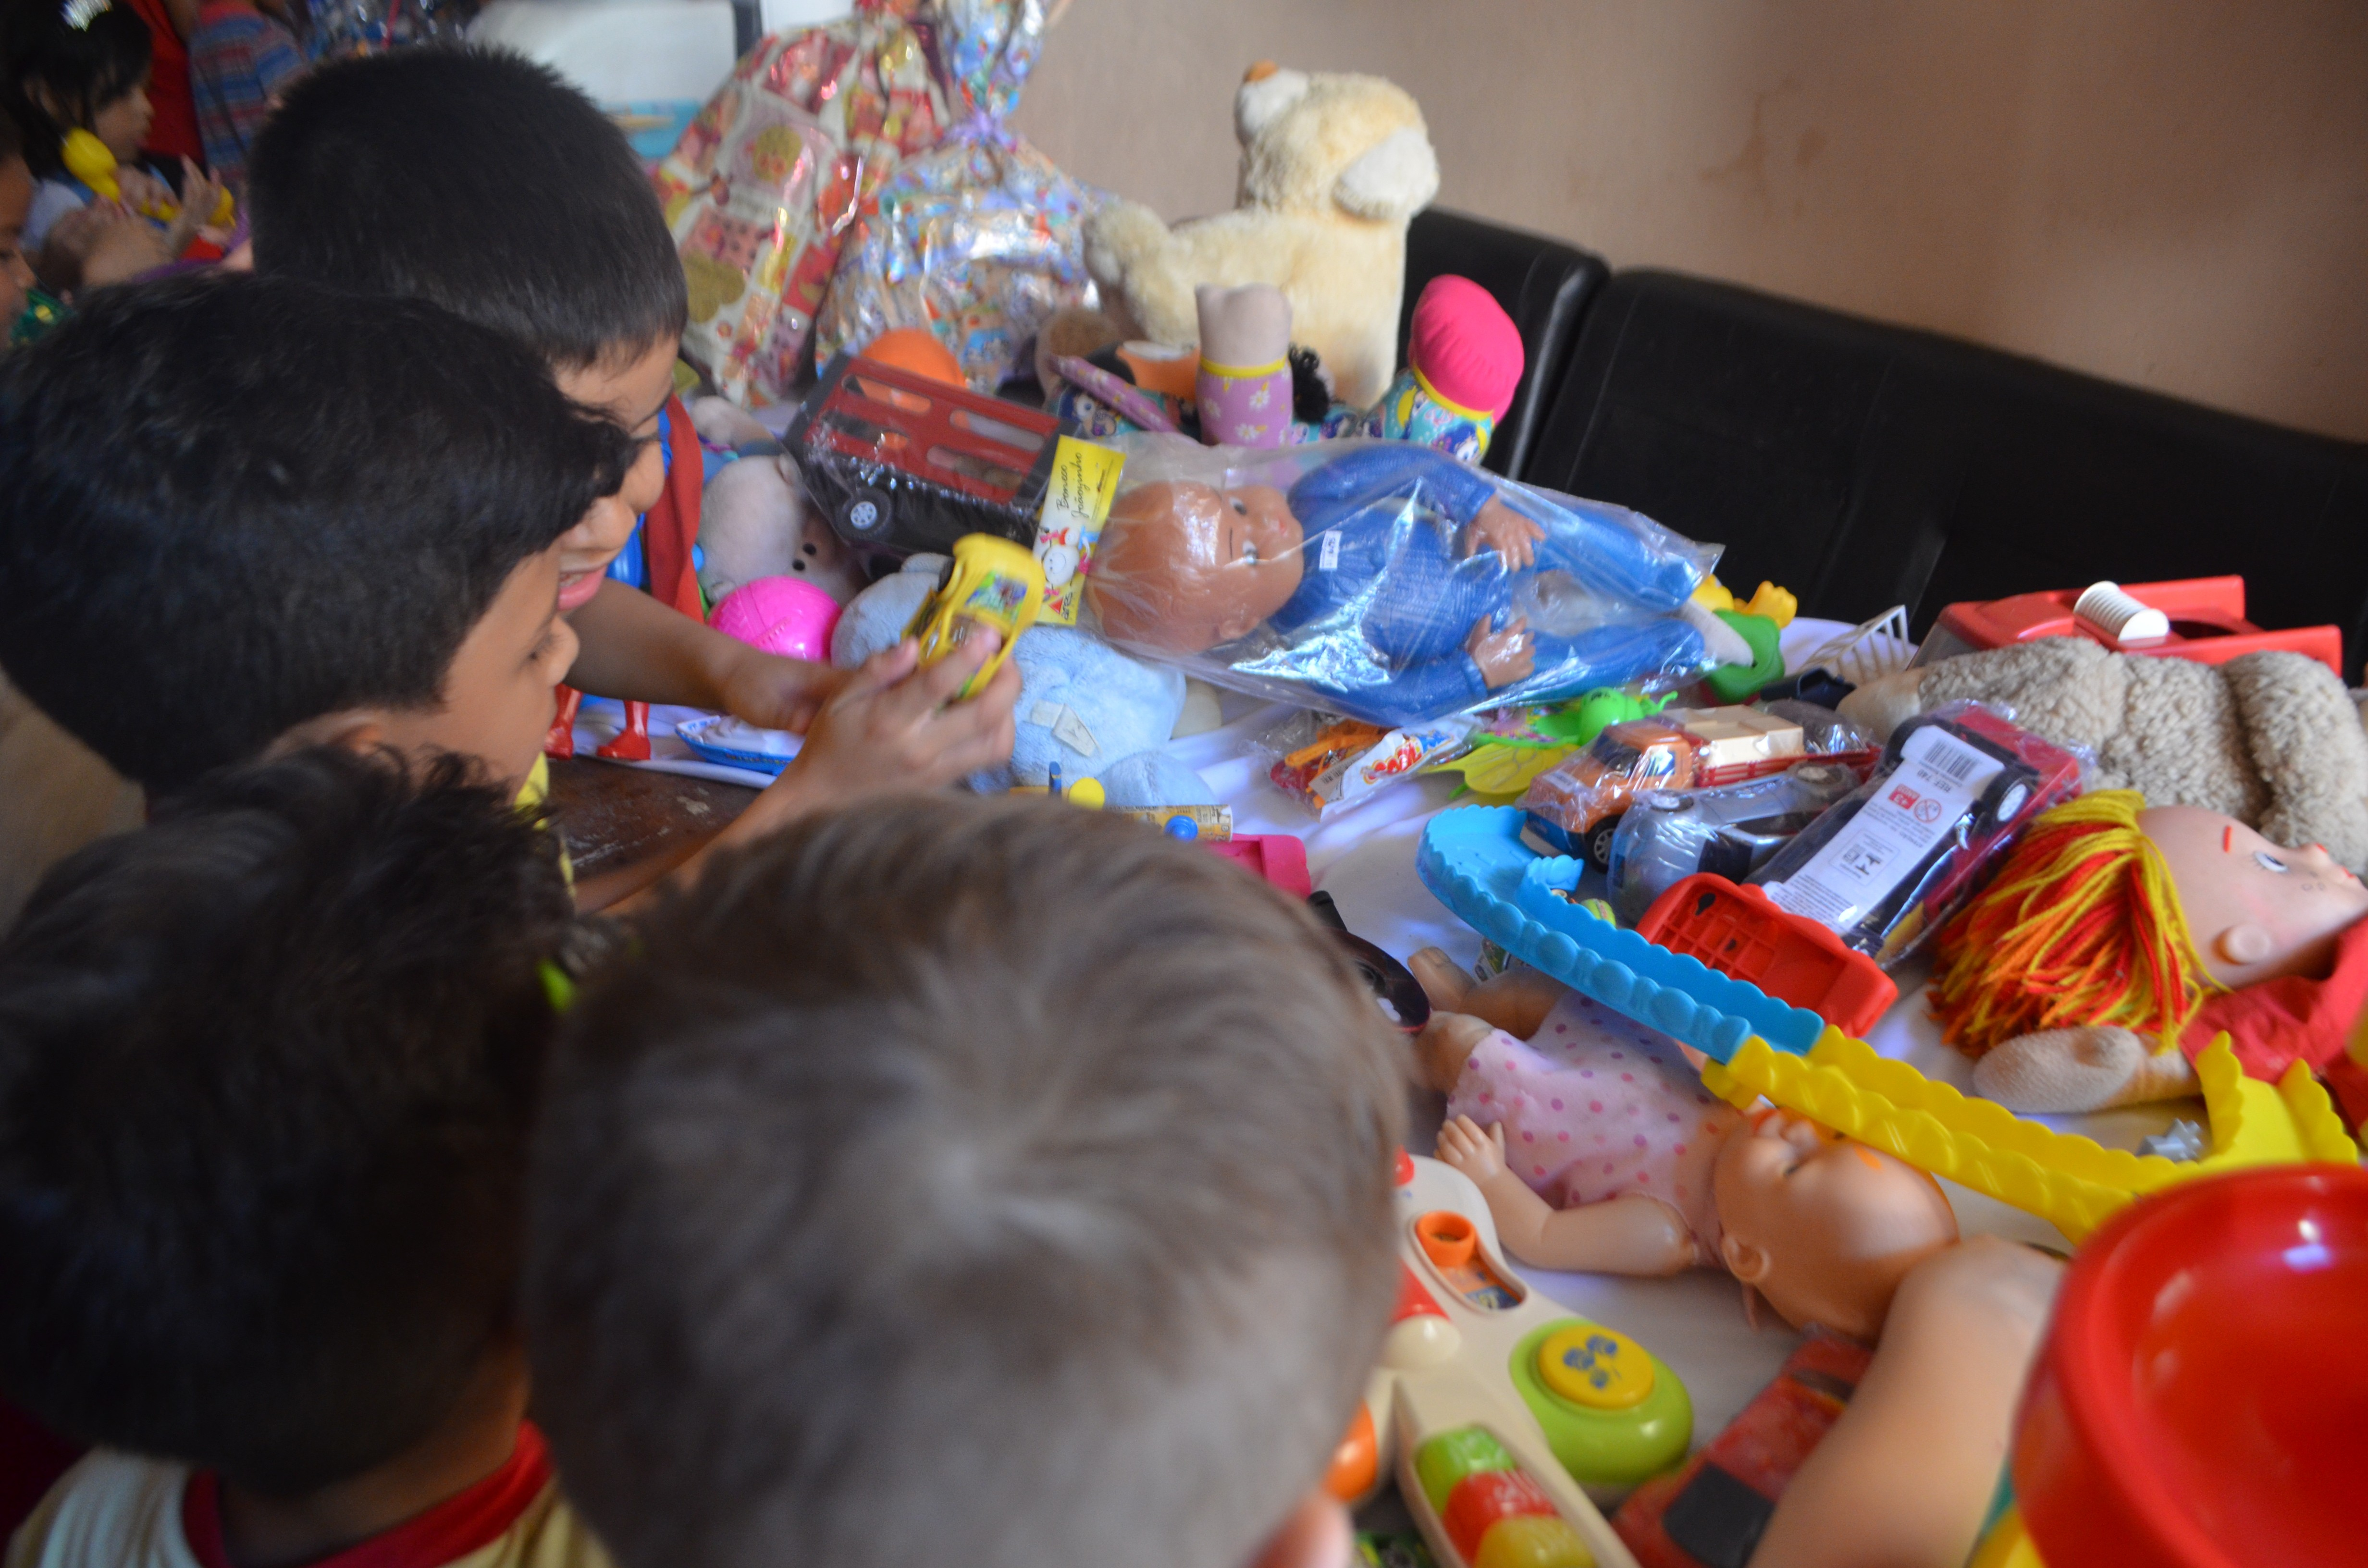 Rede Amazônica no AP entrega brinquedos para projeto que leva teatro gratuito para crianças - Notícias - Plantão Diário